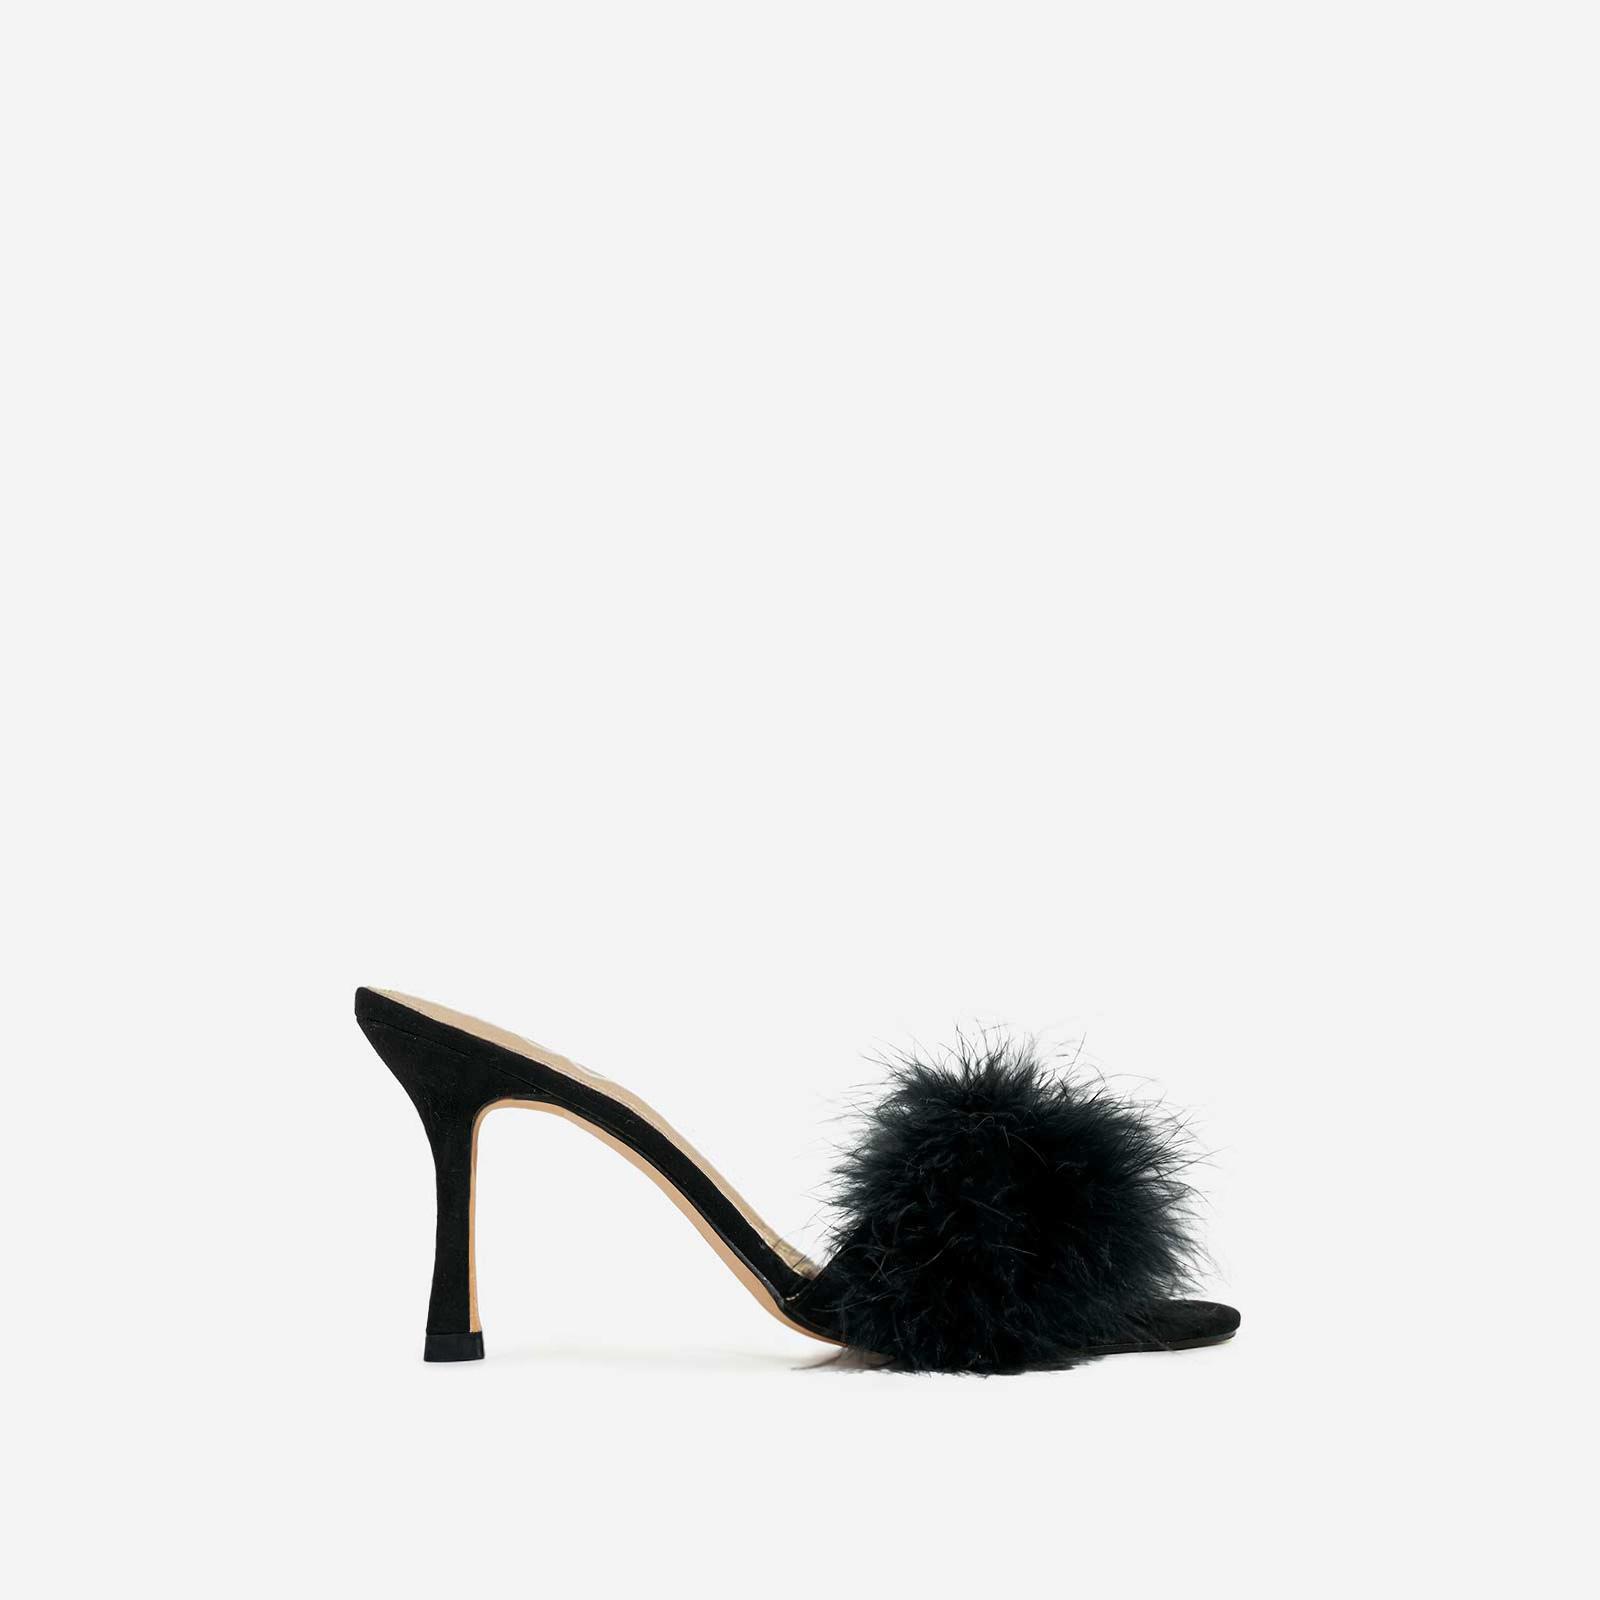 Fairydust Faux Feather Peep Toe Kitten Heel Mule In Black Faux Suede